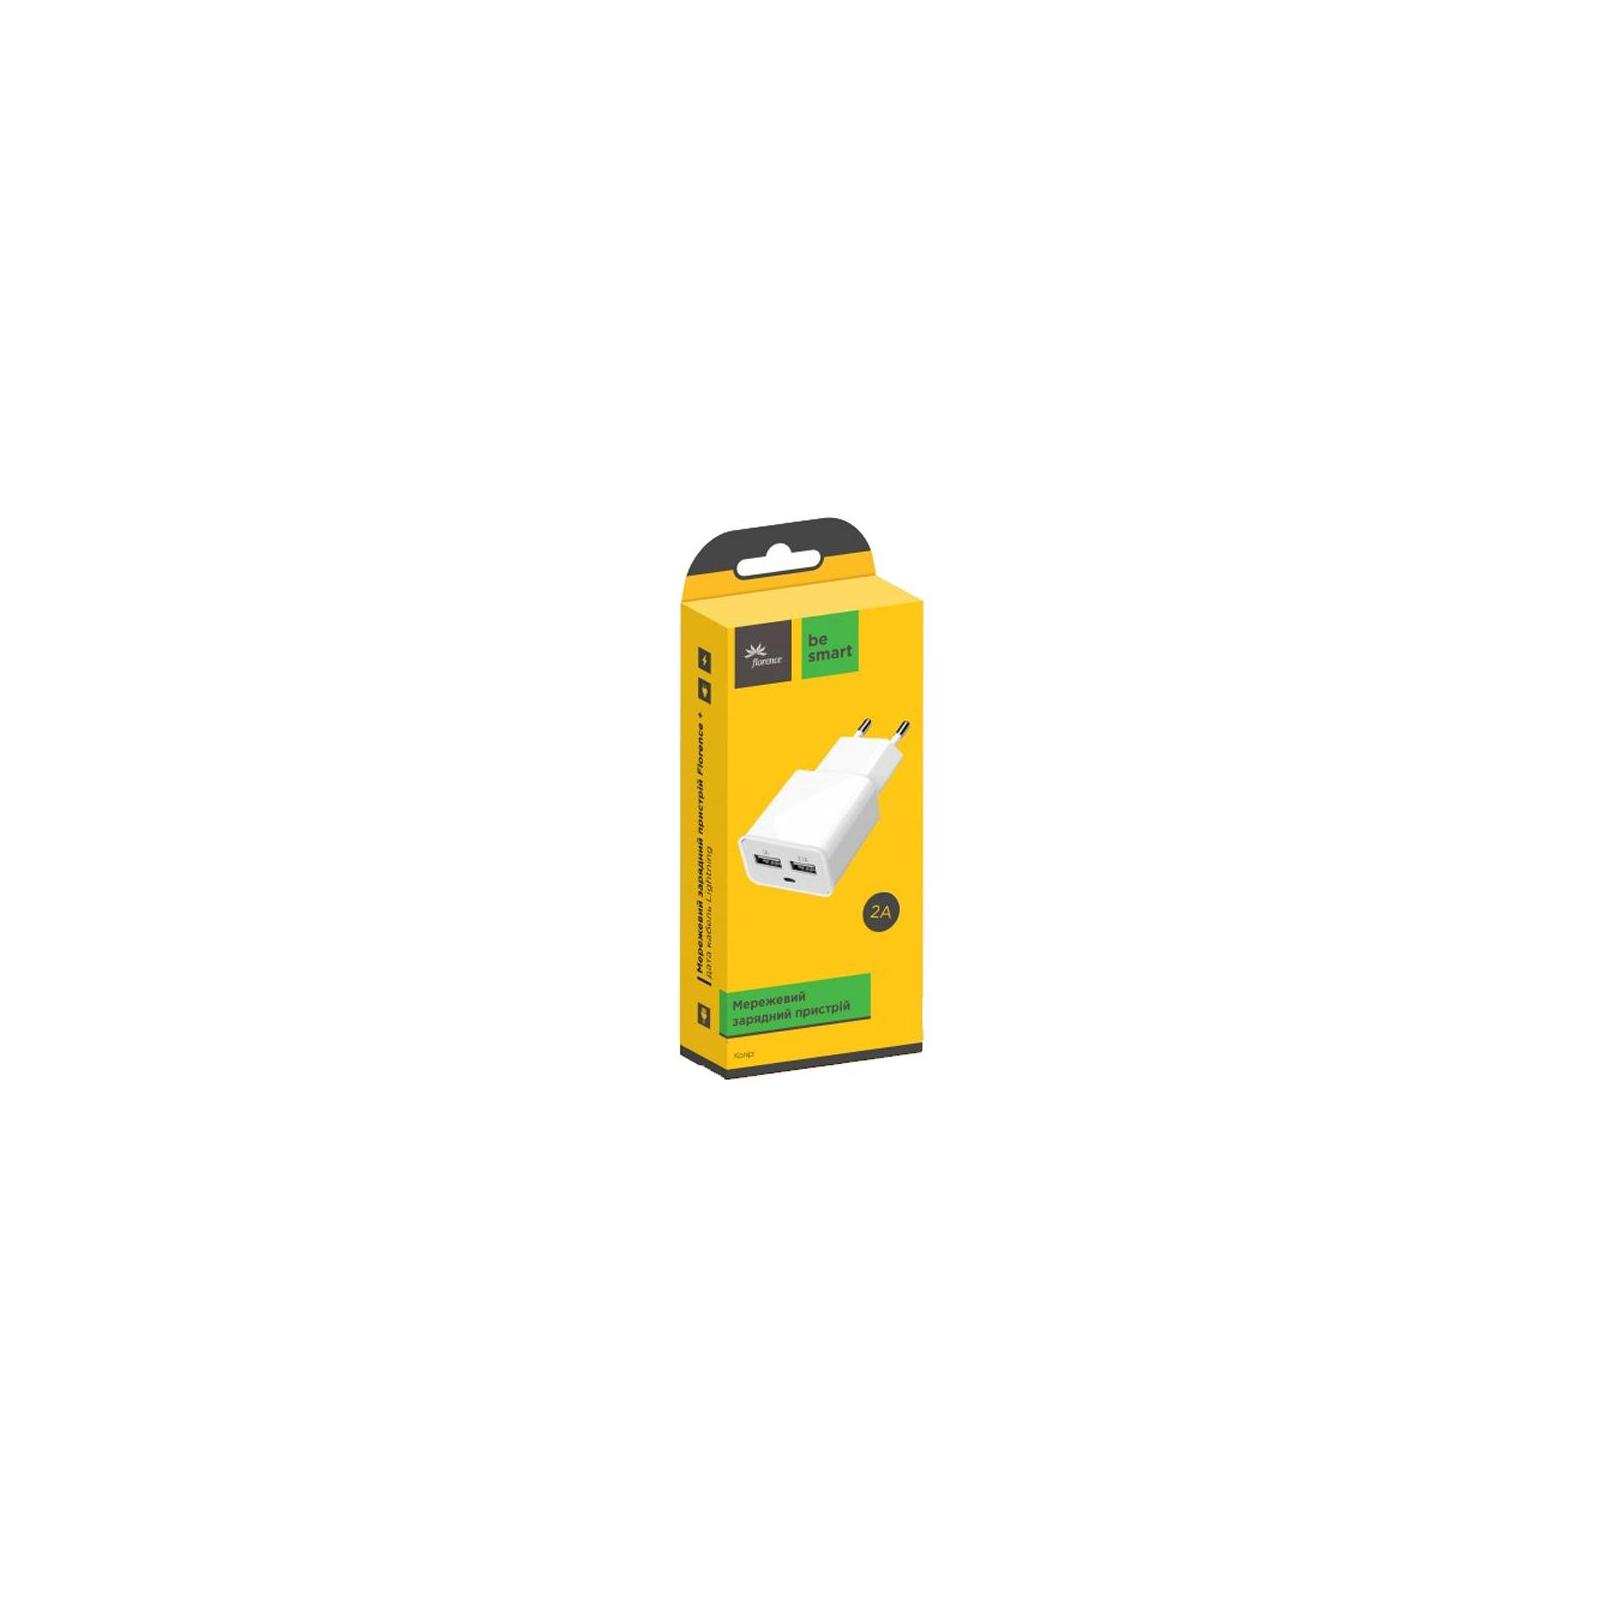 Зарядное устройство Florence 2*USB, 2.0A white (FW-2U020W) изображение 2